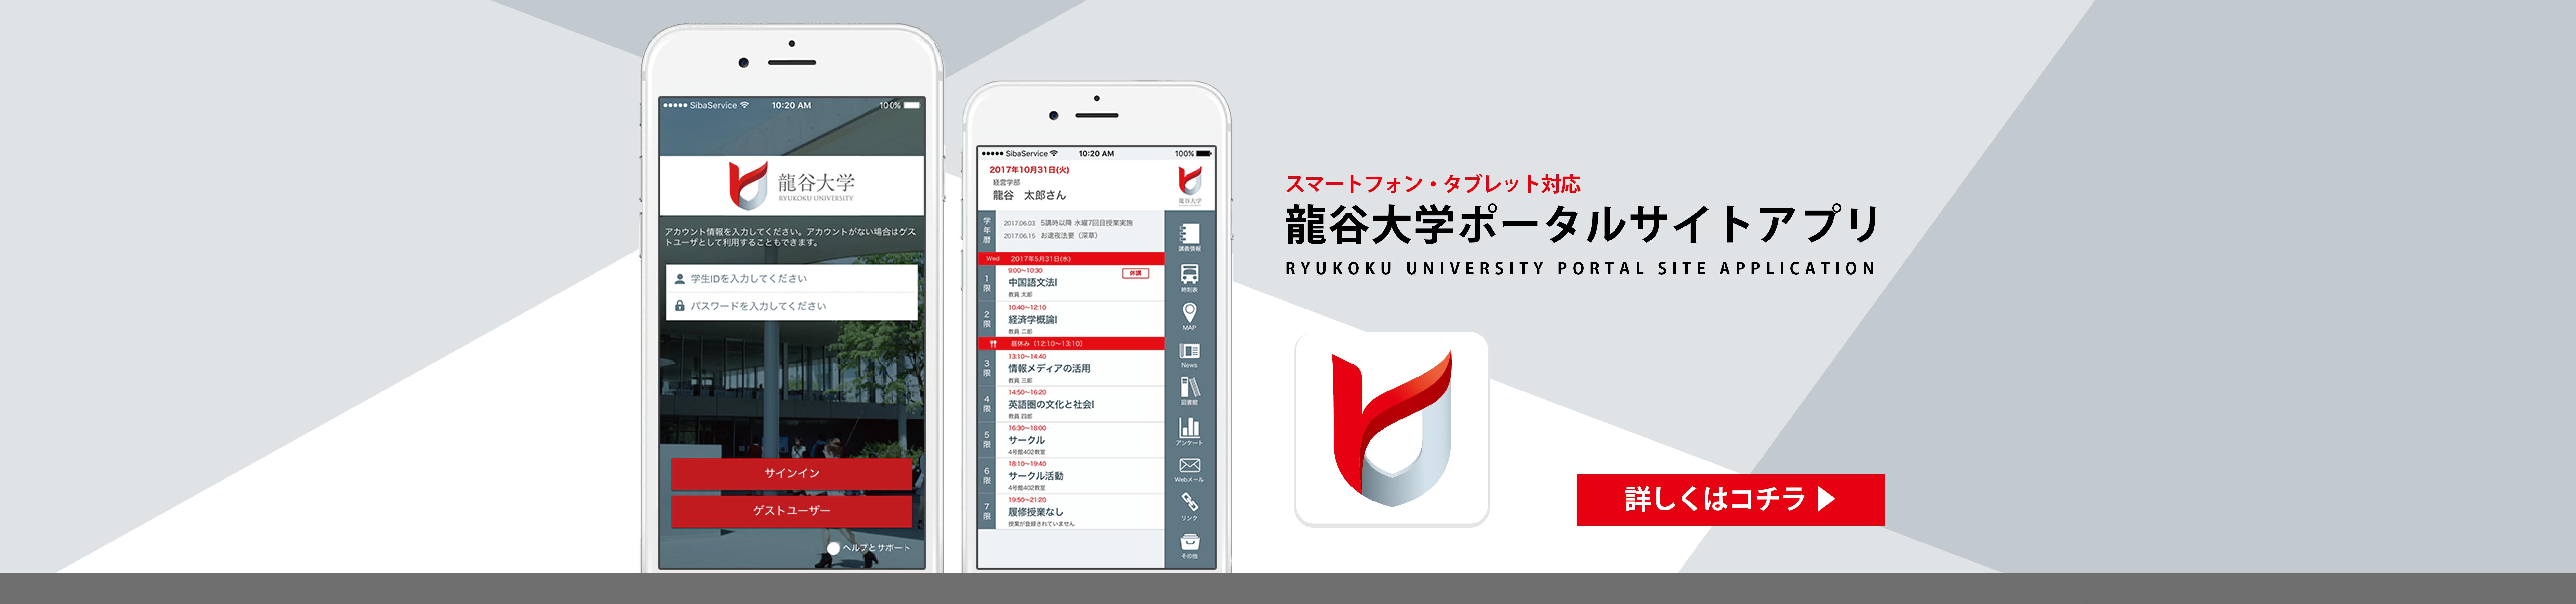 大学 サイト 相愛 ポータル